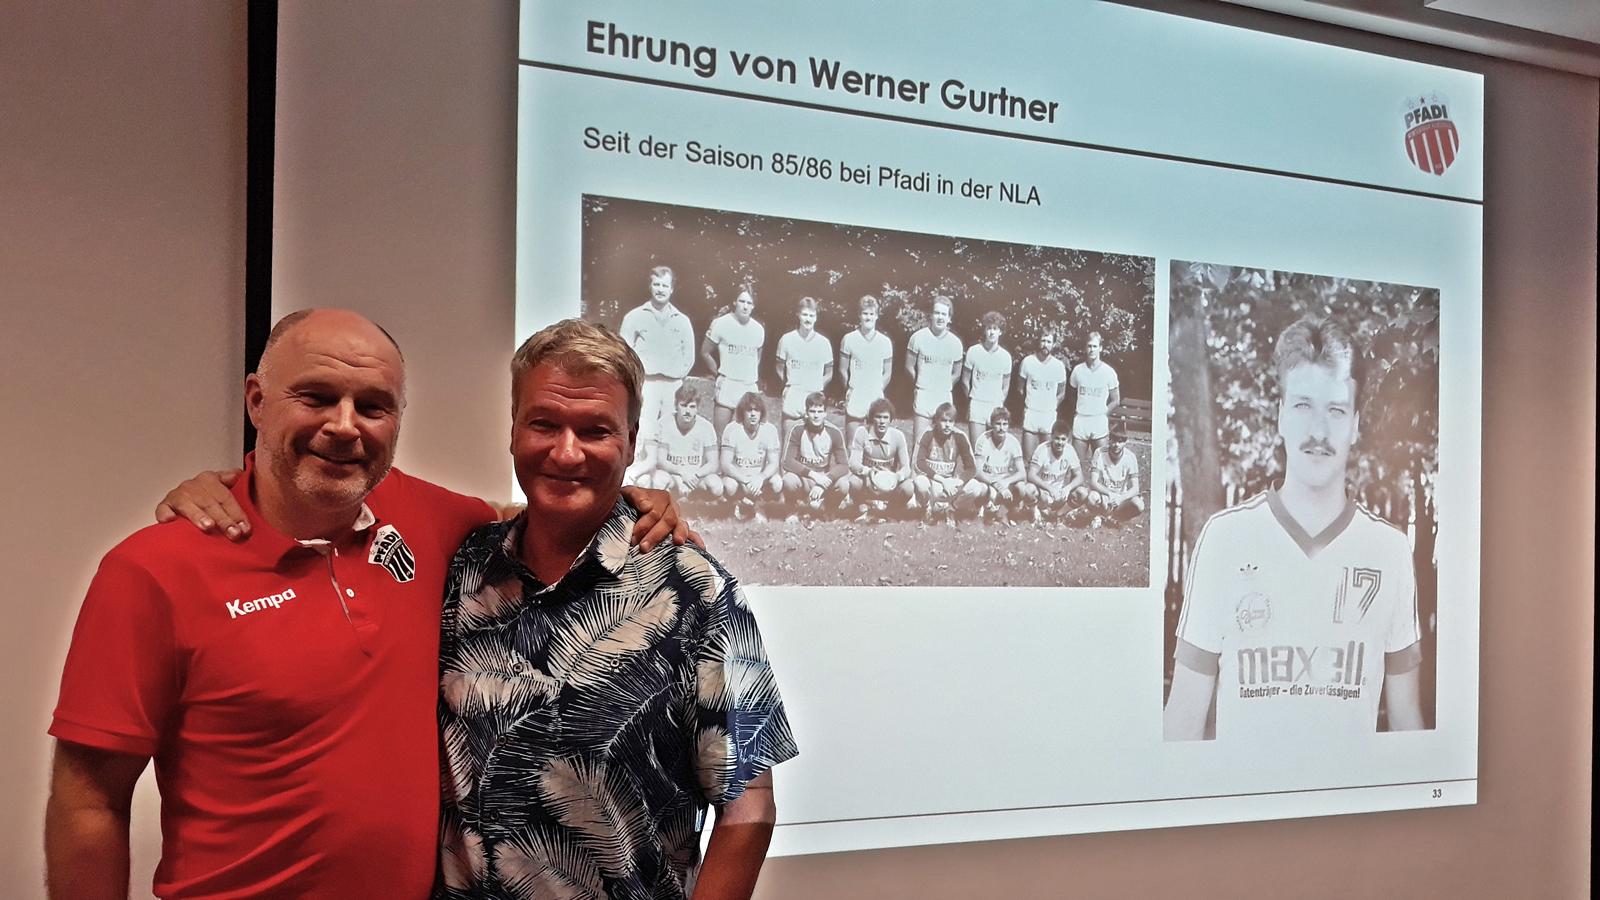 Werner-Gurtner_Ehrenmitglied_klein